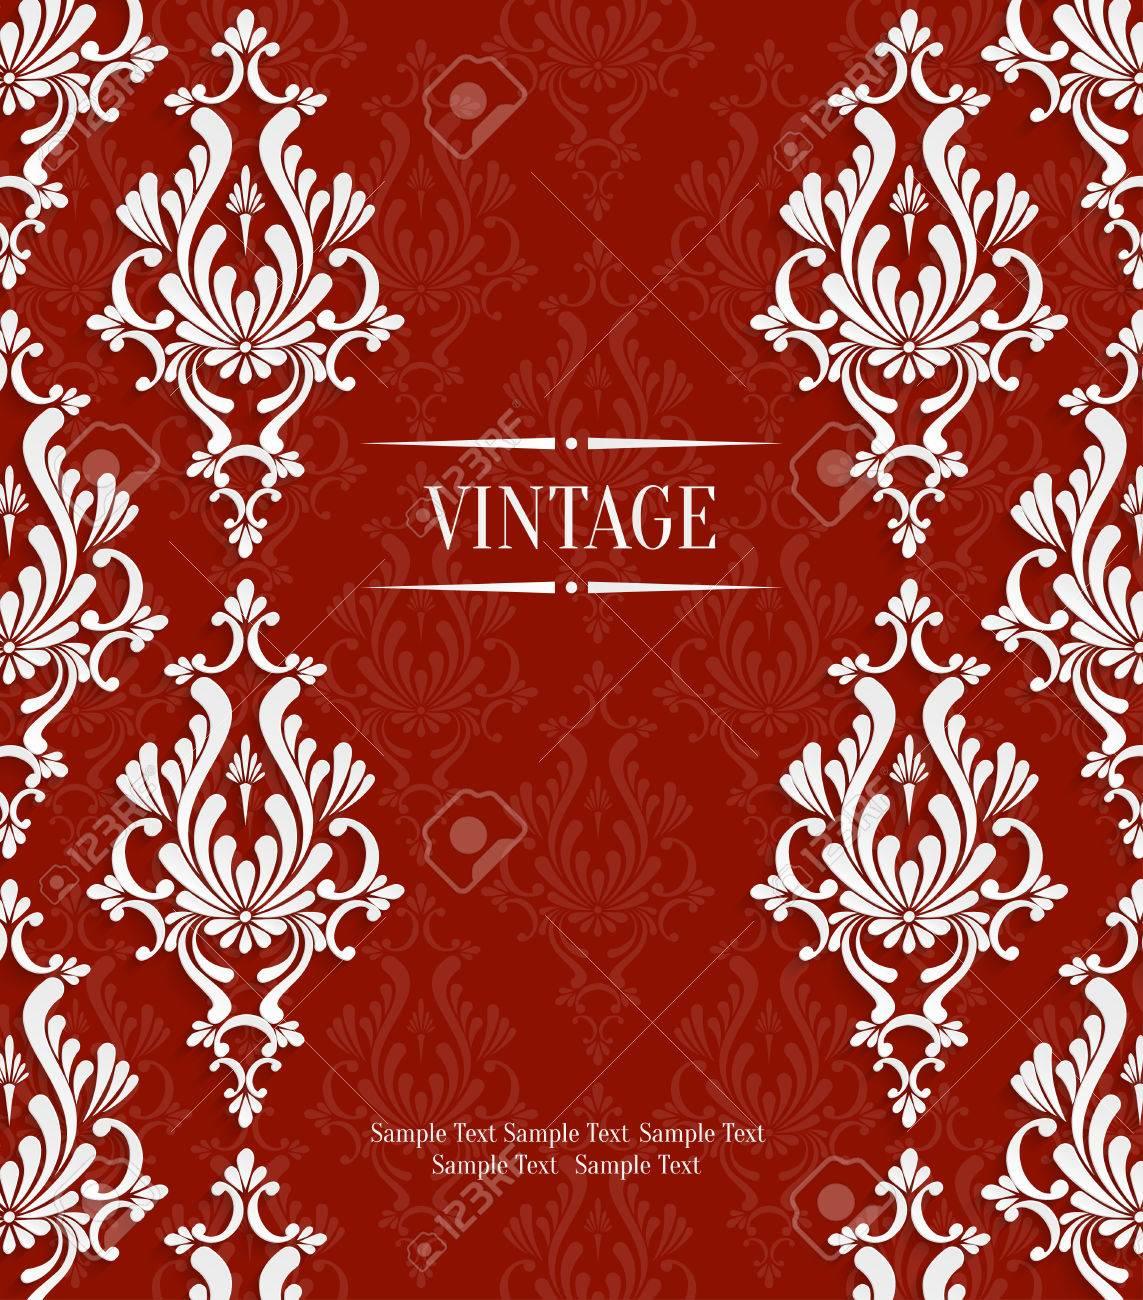 Grafik Red Vintage Hintergrund Mit 3D Blumen Damast Muster Vorlage Für